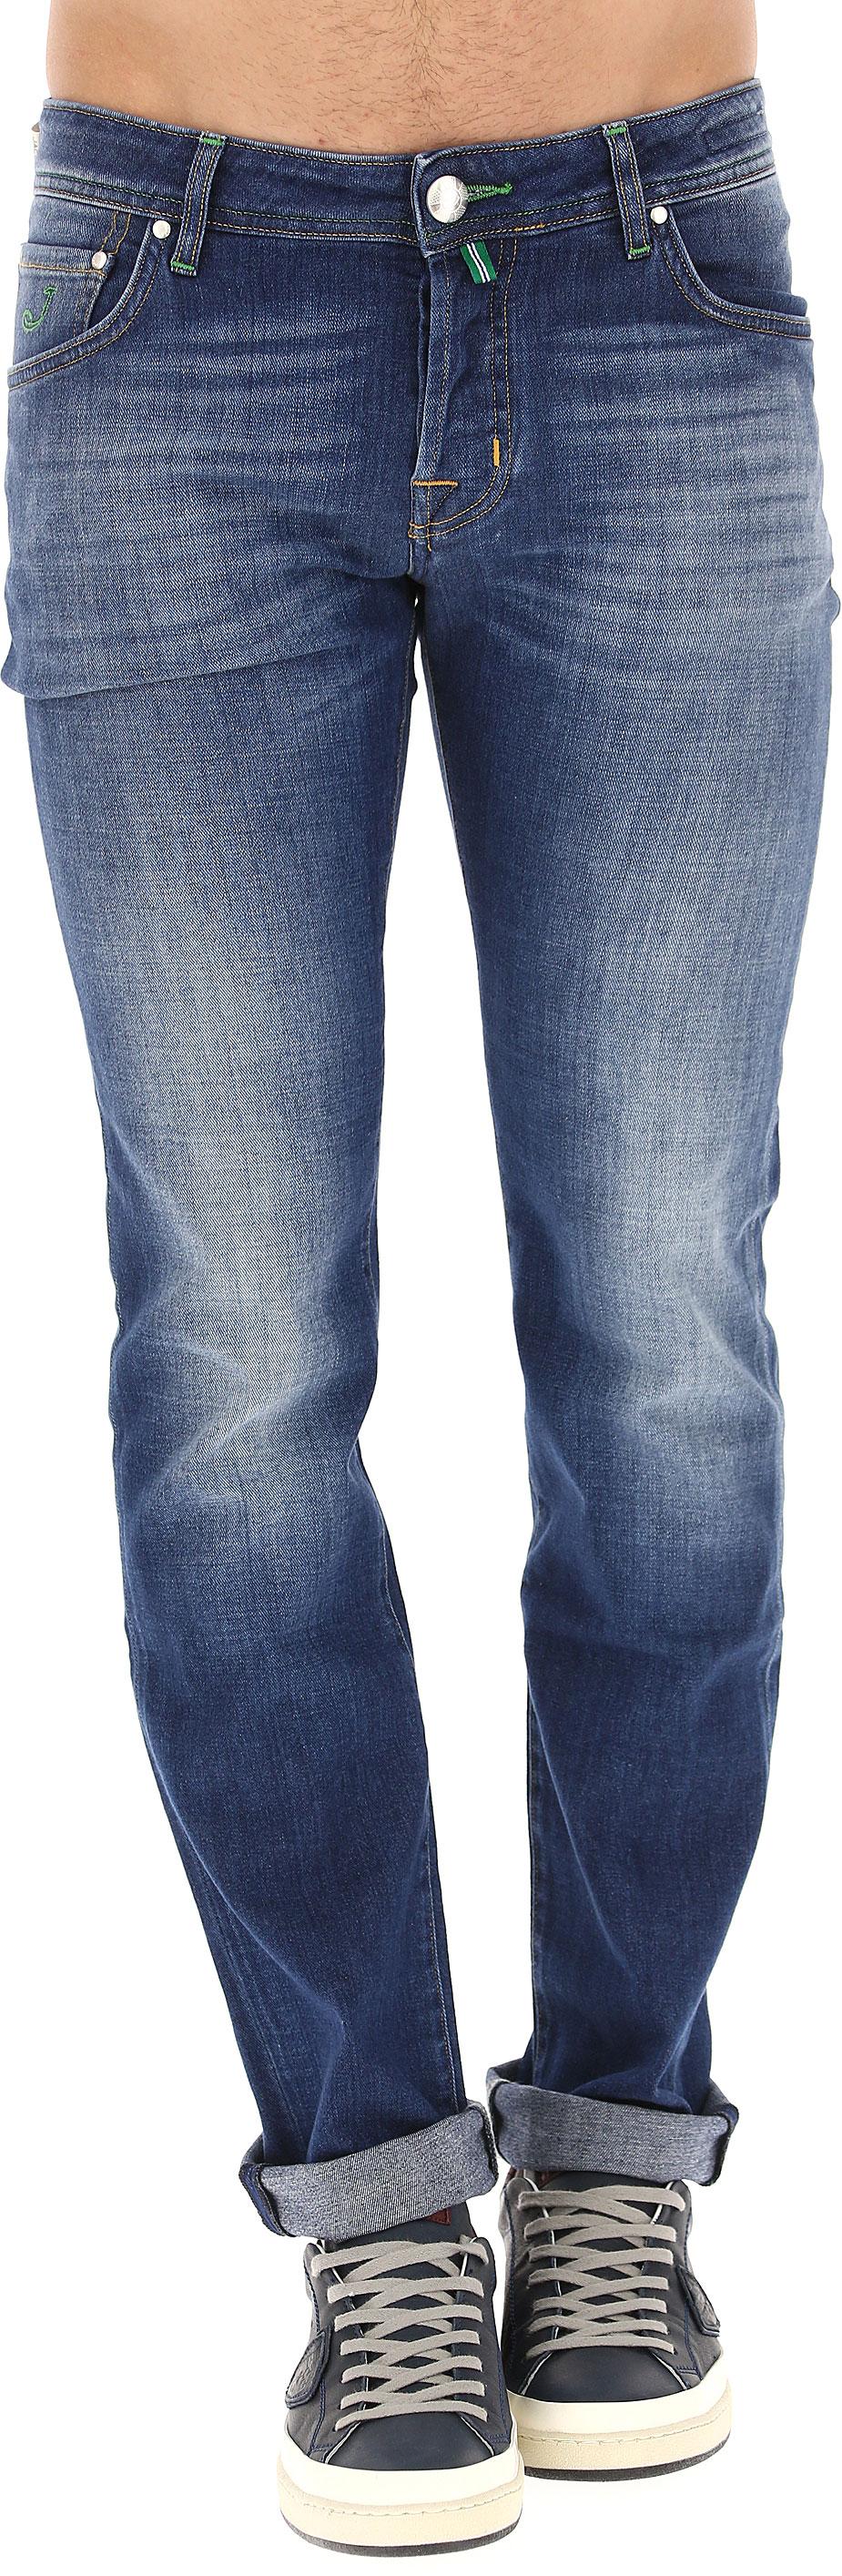 Abbigliamento Uomo Jacob Cohen, Codice Articolo: pw622-00919w3-4902